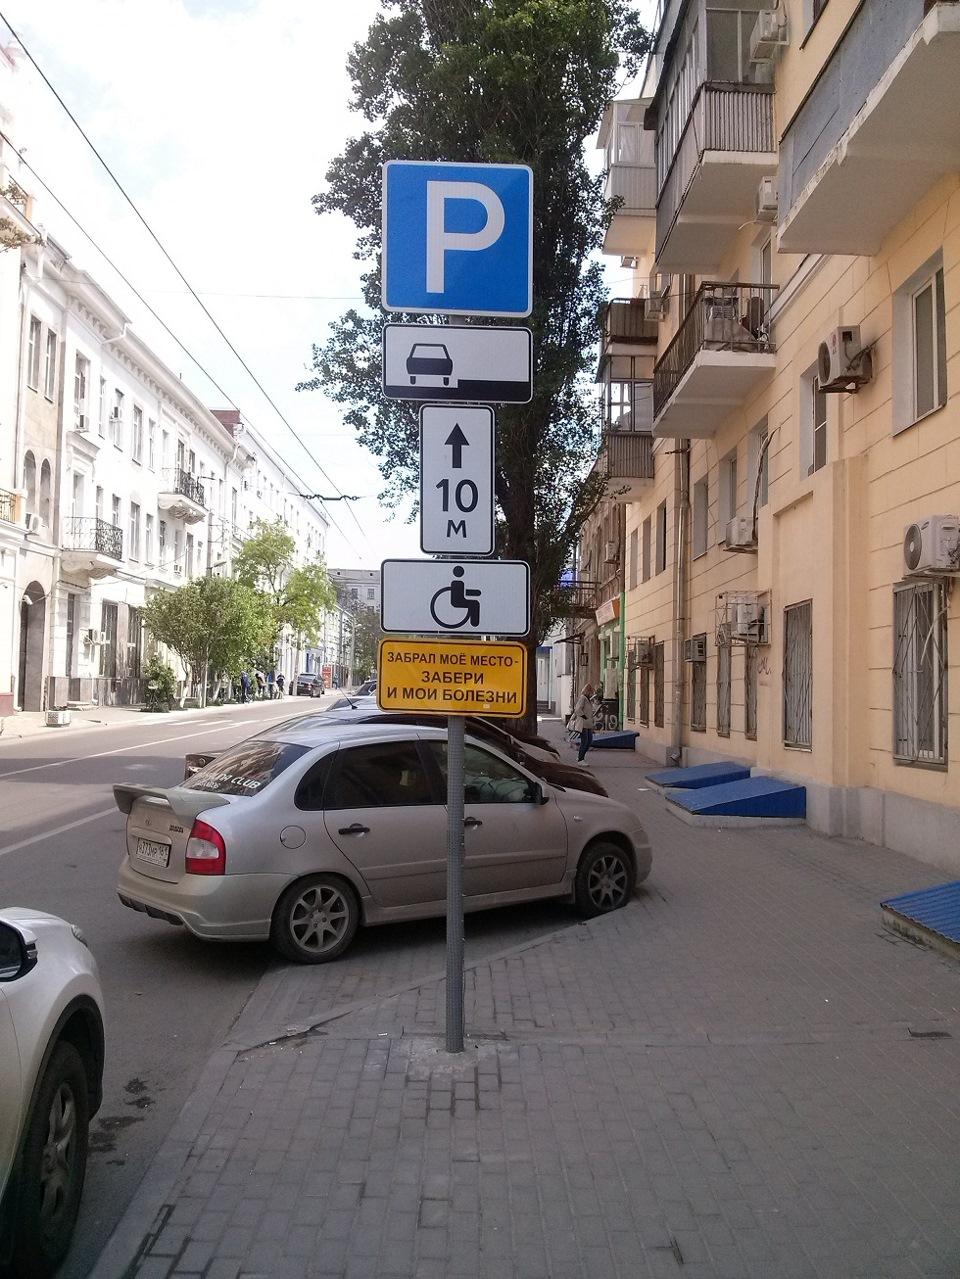 Стоянка на парковке - нельзя занимать места для инвалидов